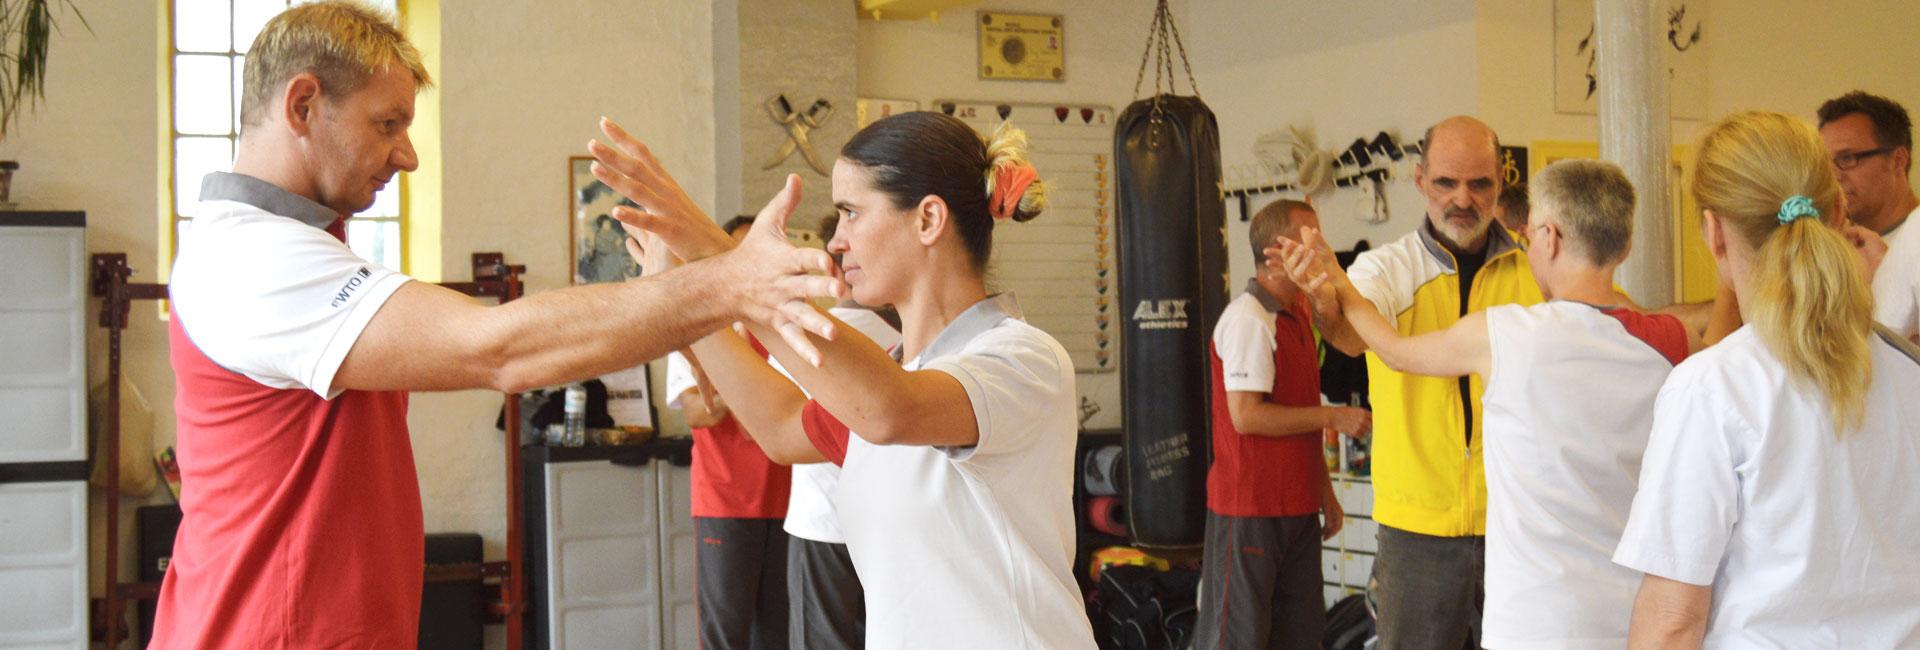 Lehrgang der chinesischen Kampfkunst WingTsun mit Großmeister Keith R. Kernspecht in Hamburg